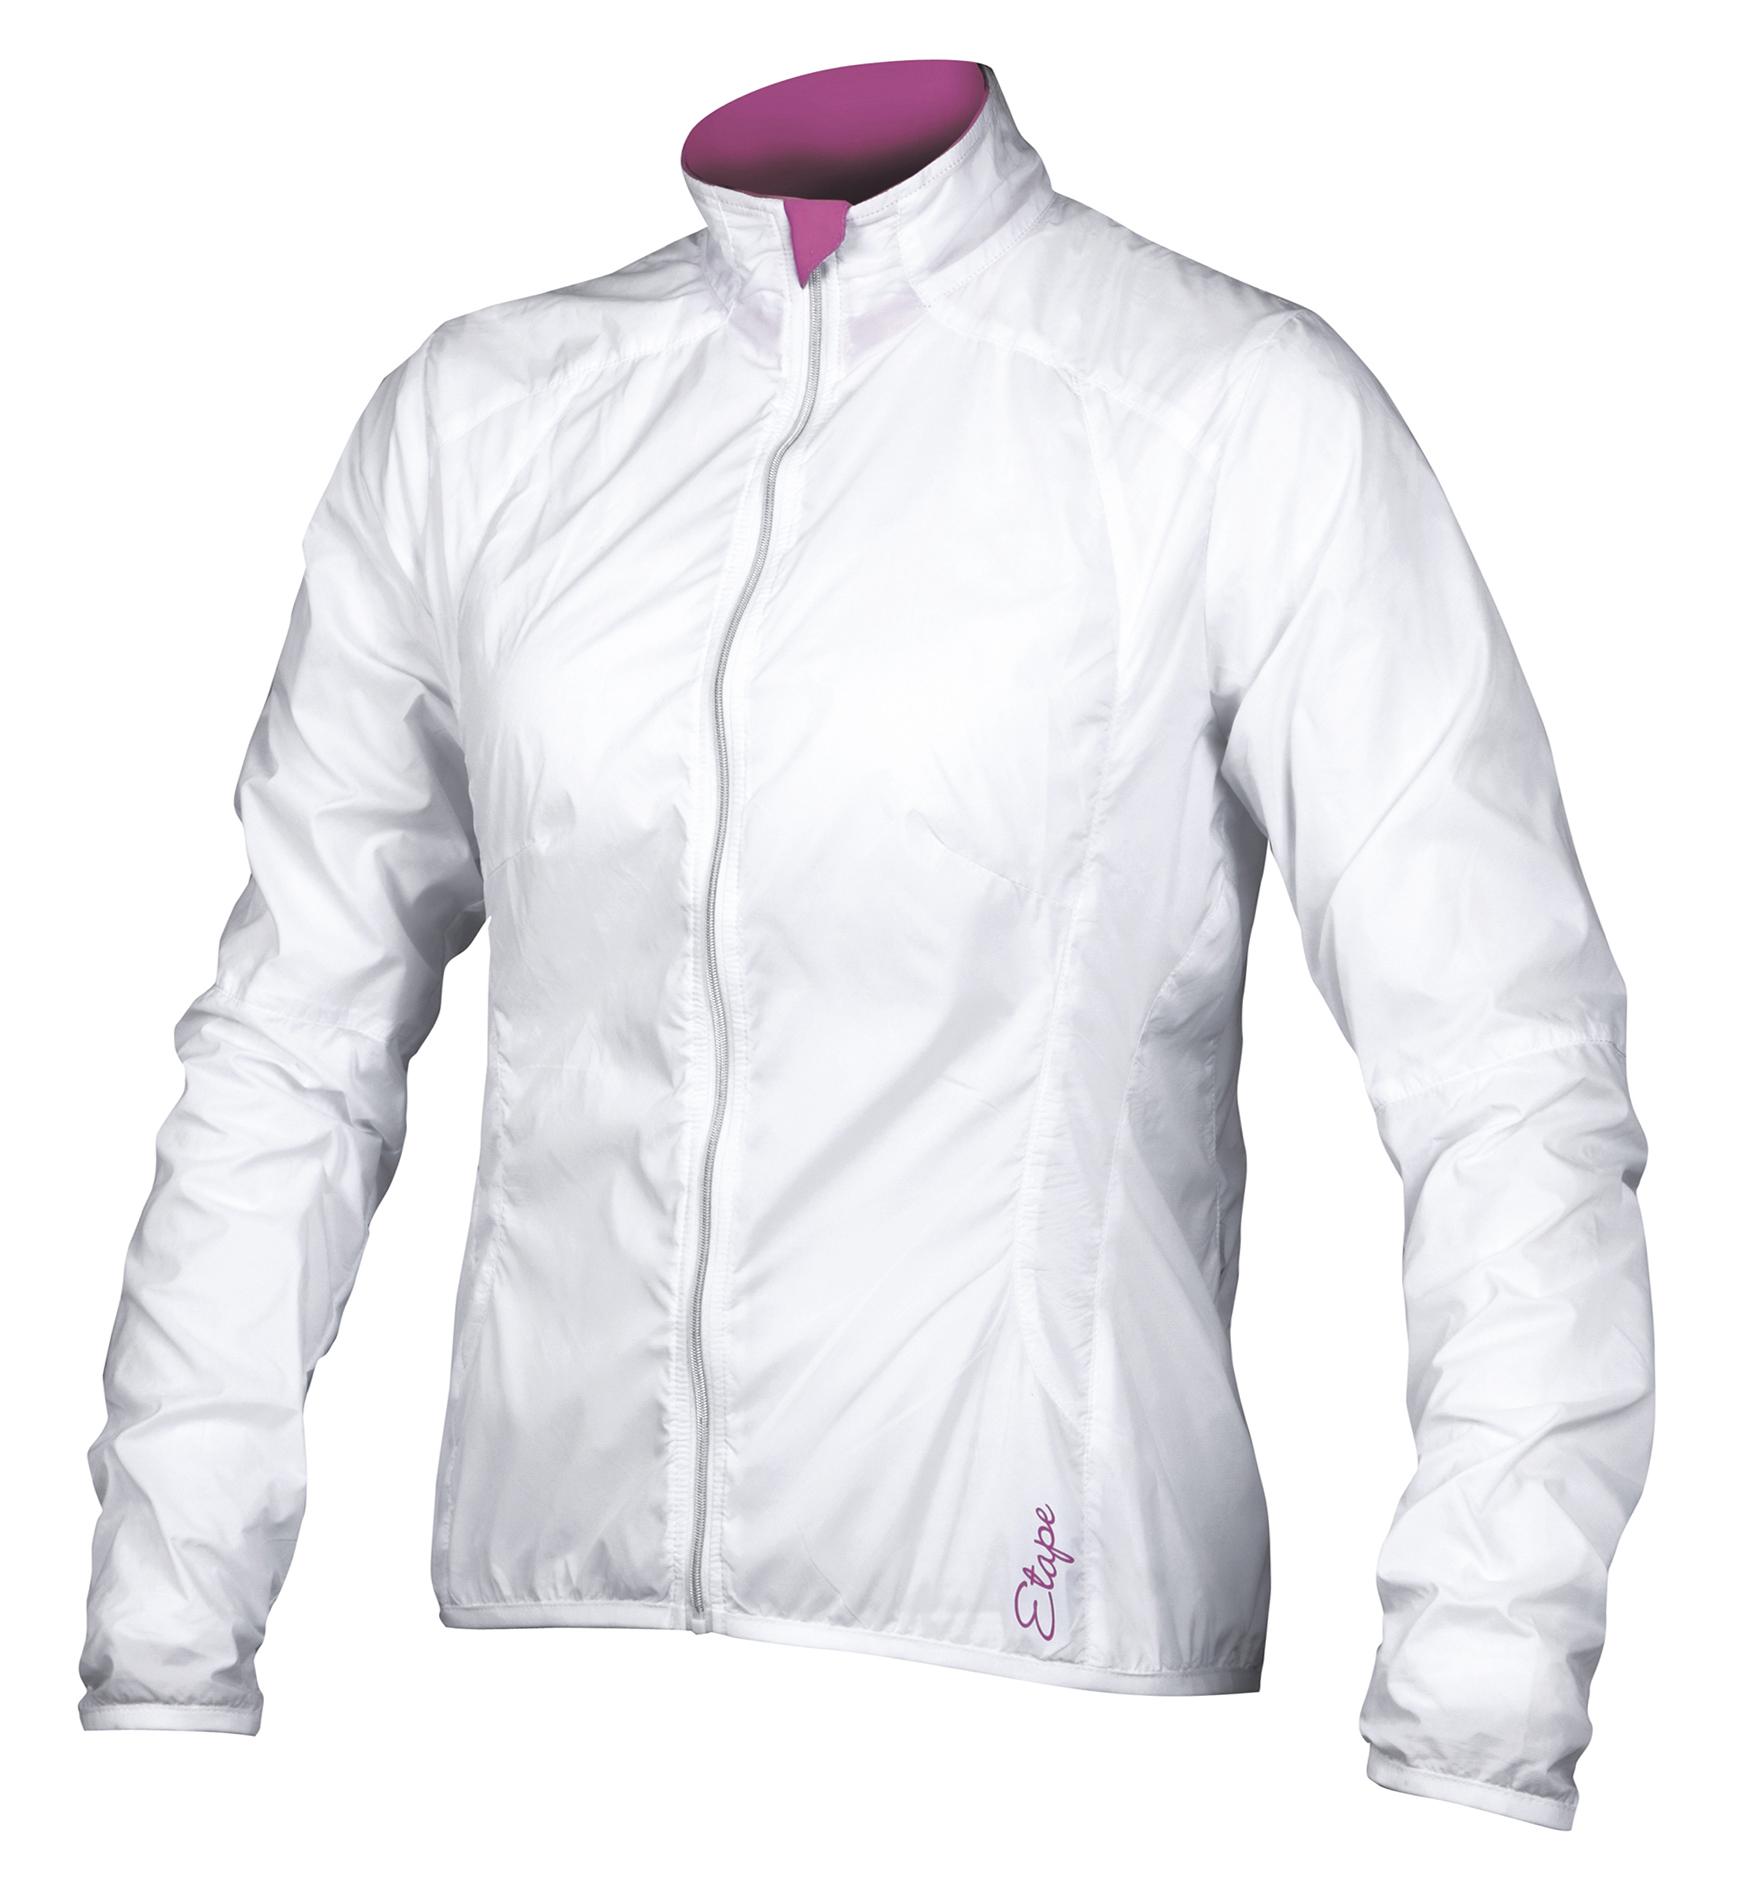 Dámská větrovka ETAPE Gloria, vel. L bílá/růžová, model 2017 (Dámská větrová bunda Etape, zadní kapsa na zip)